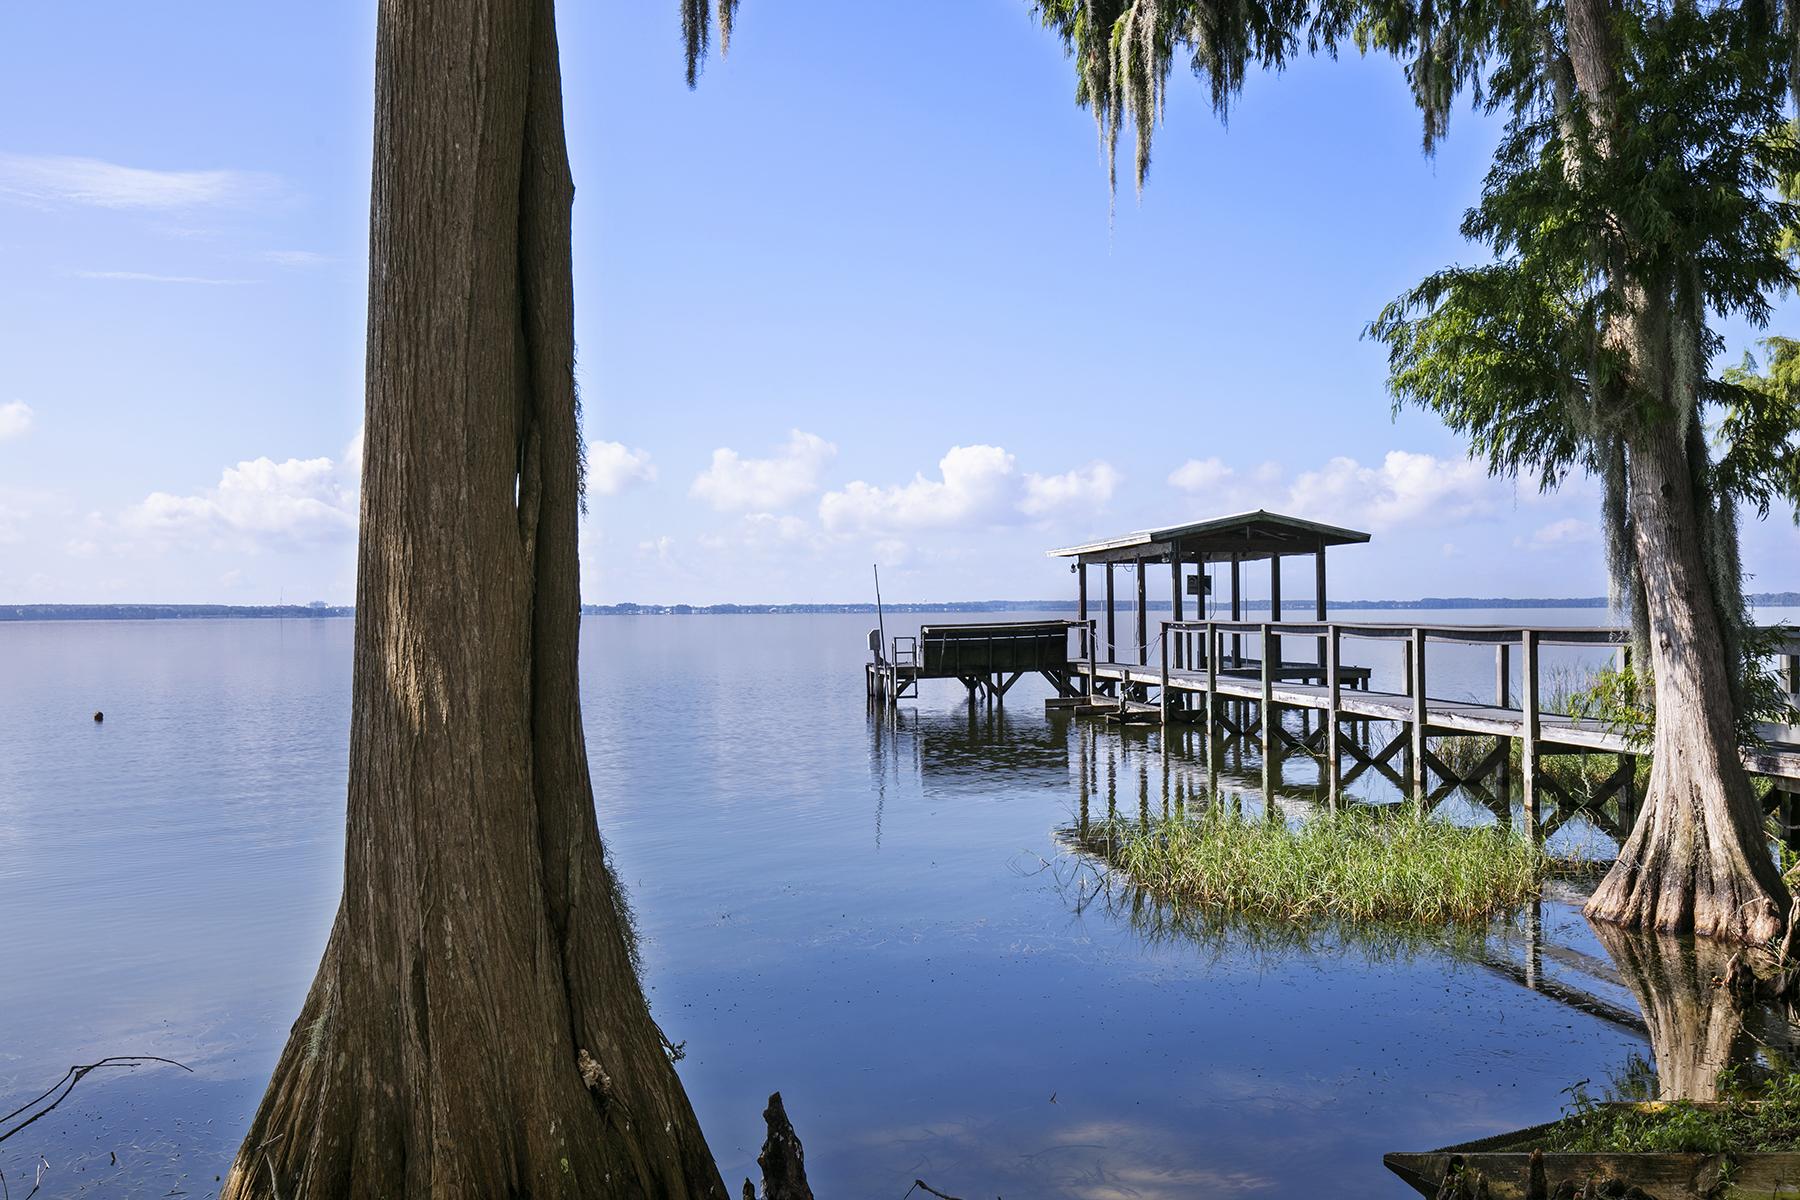 独户住宅 为 销售 在 ORLANDO - EUSTIS 3220 Indian Trl 尤斯缇斯, 佛罗里达州 32726 美国